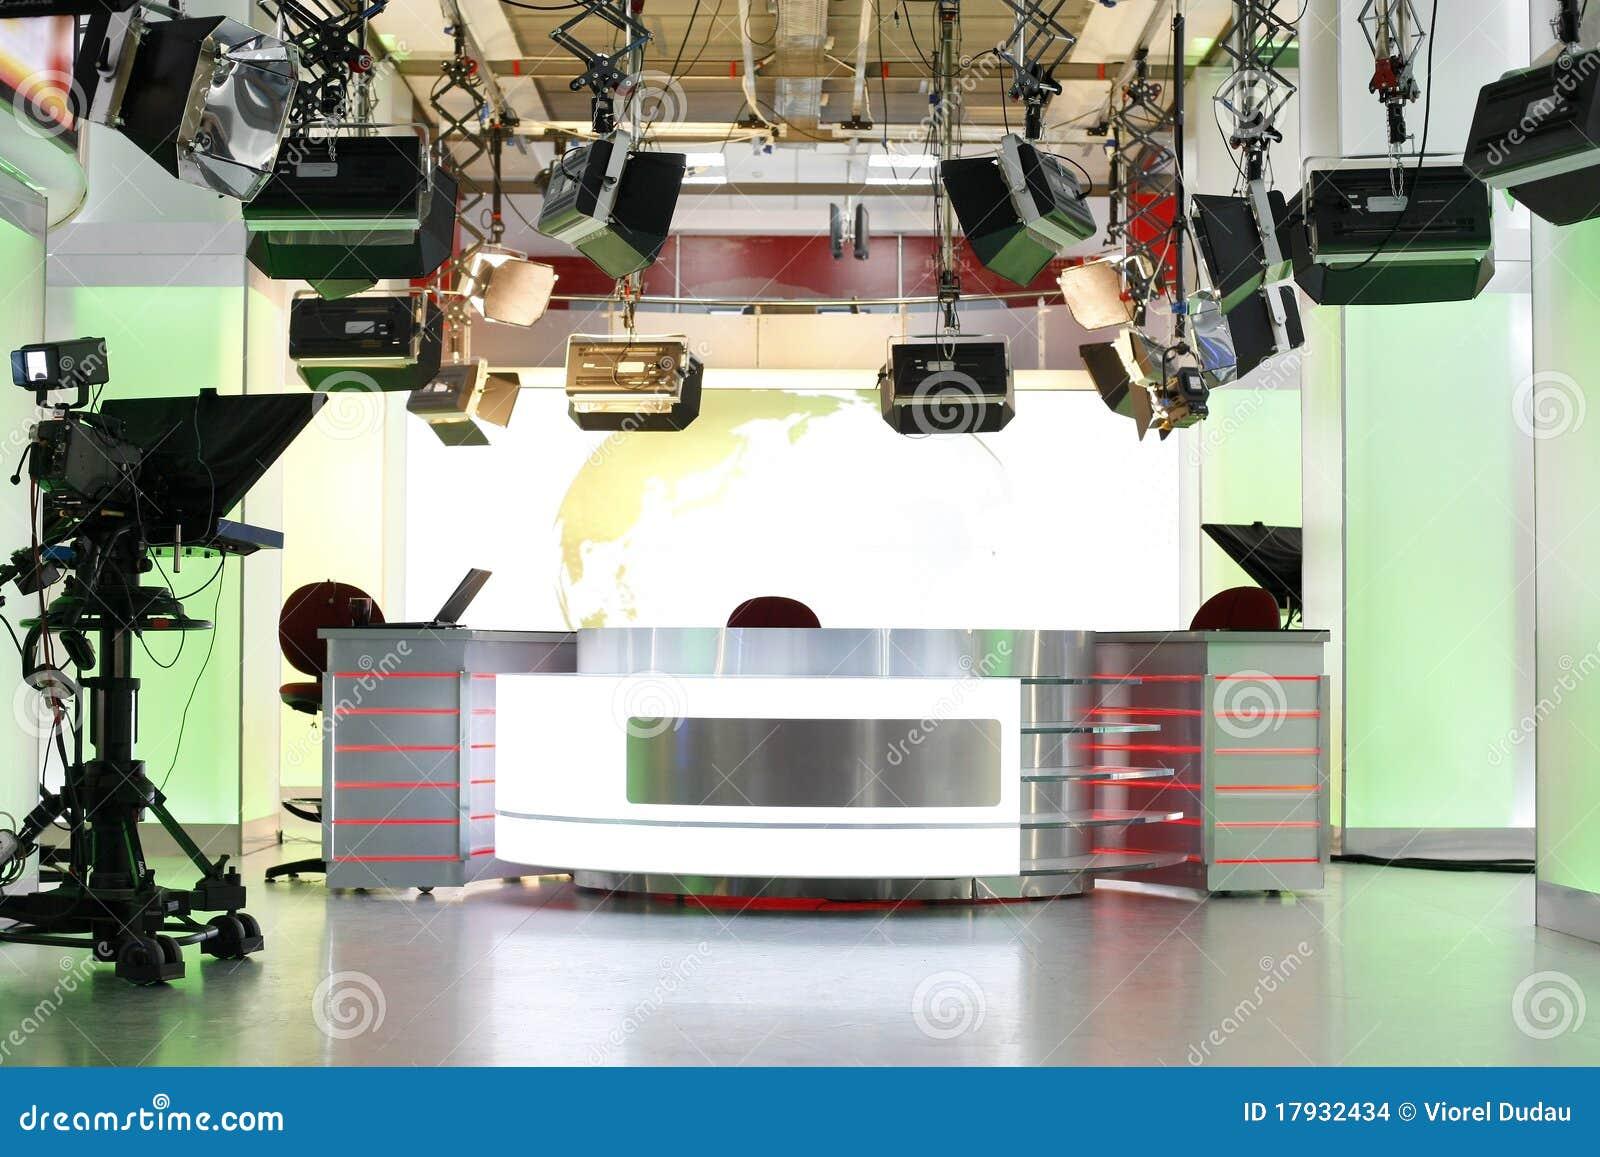 TV news studio setup